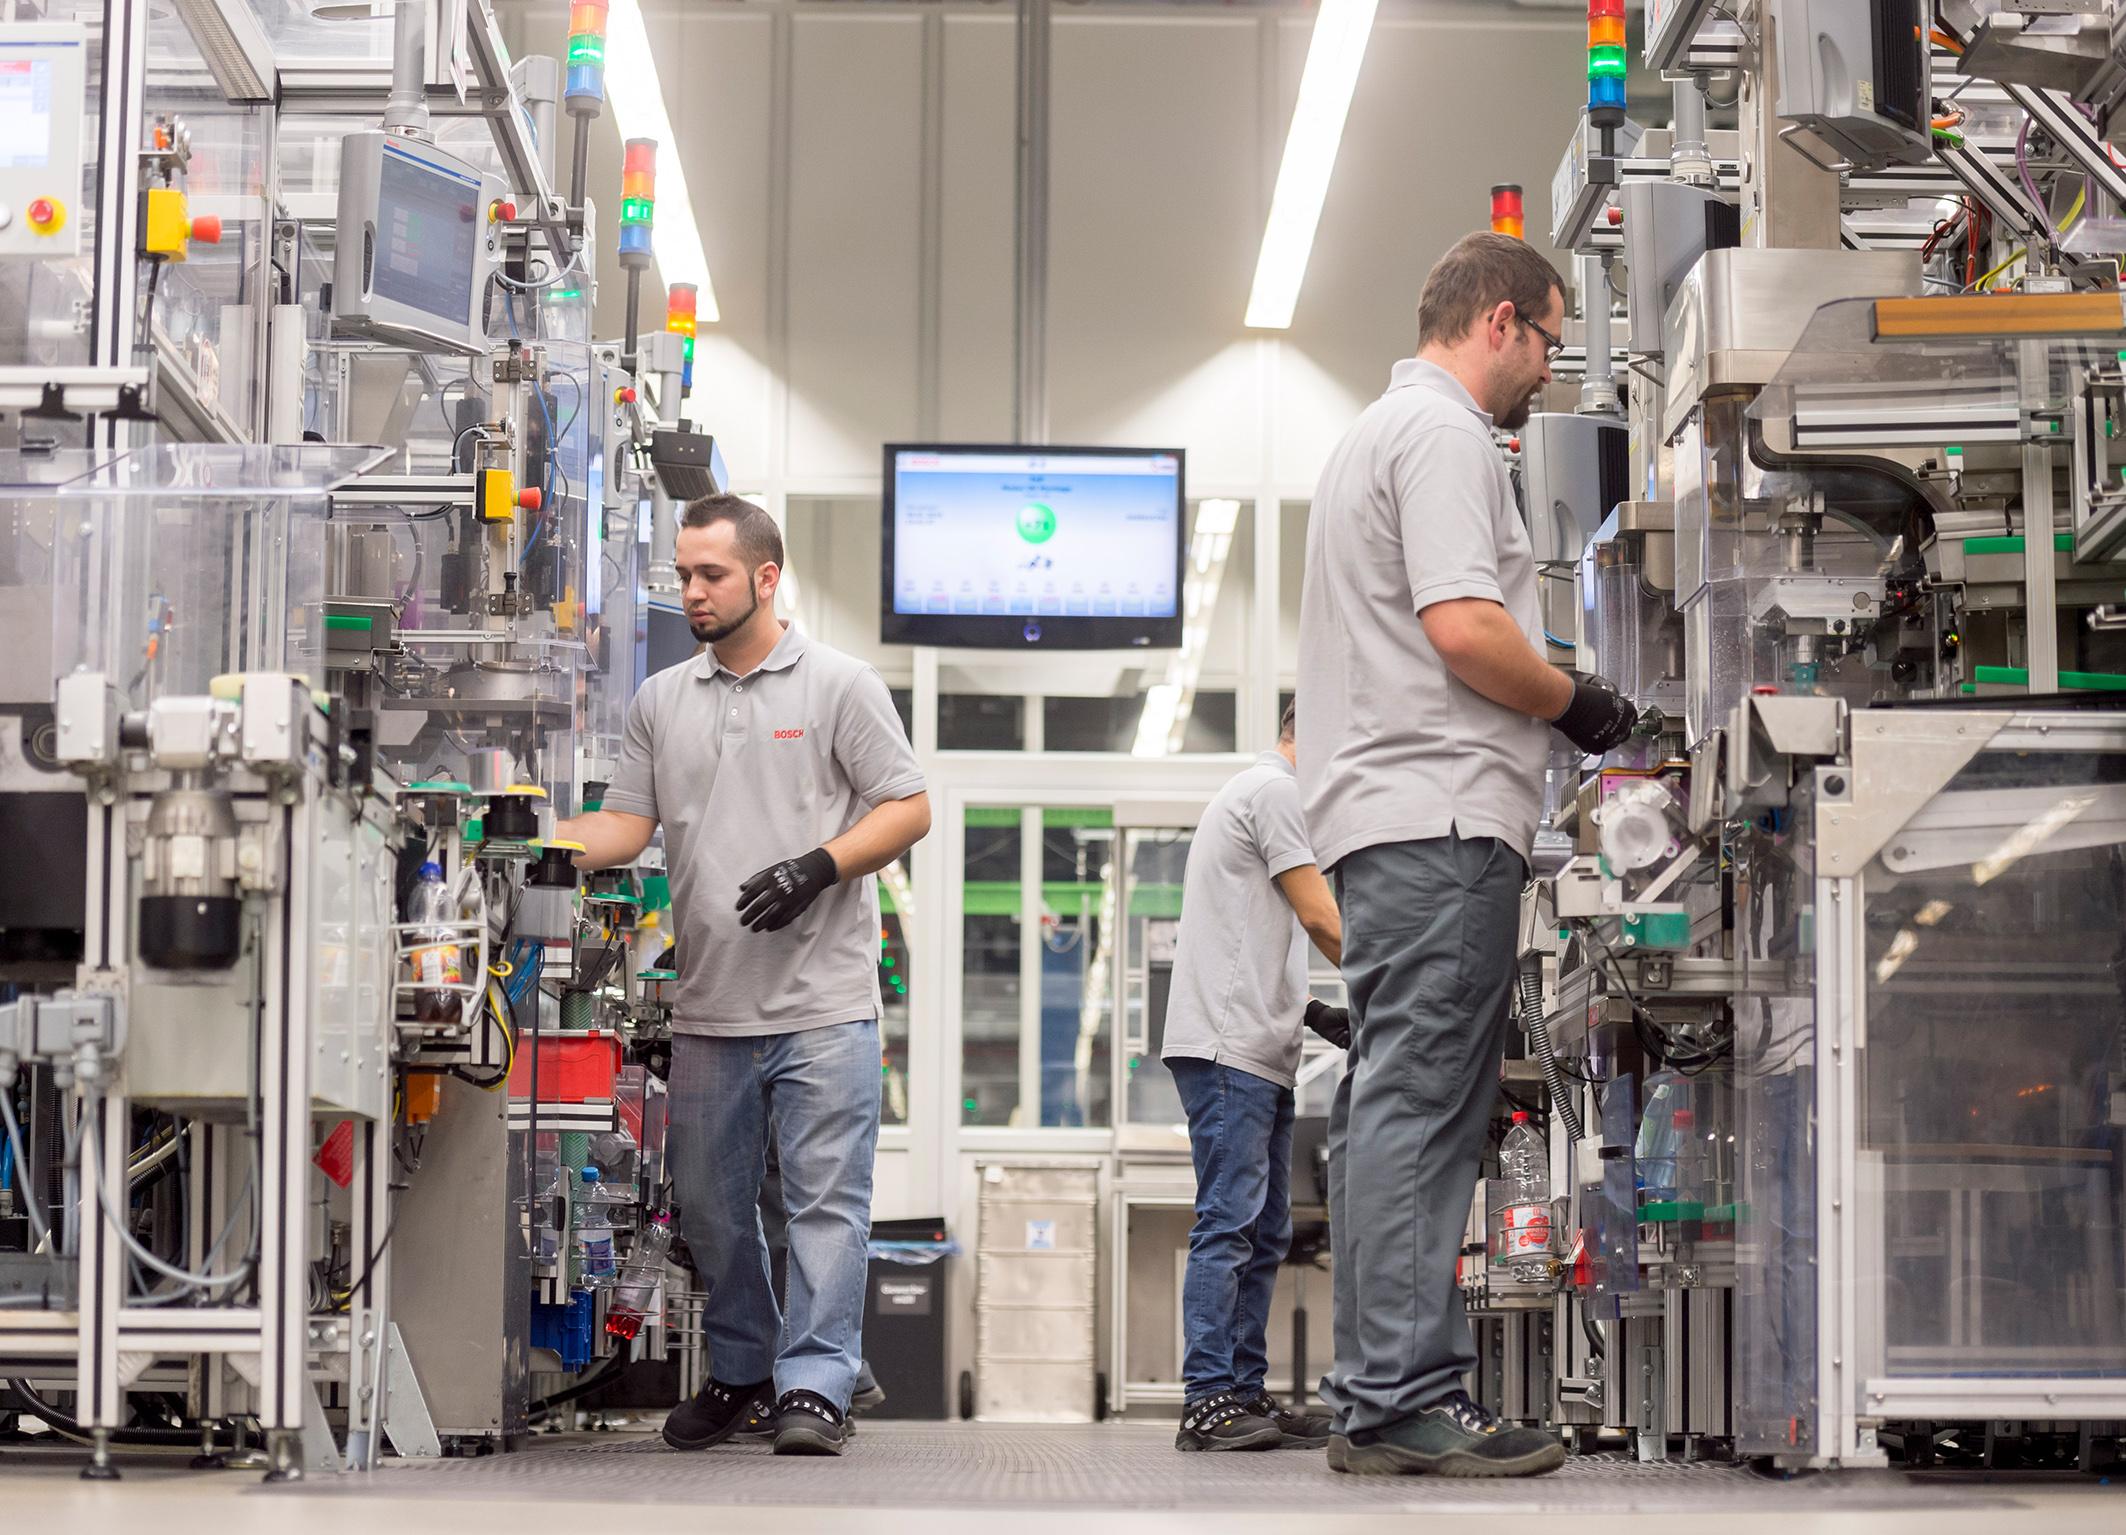 Industrie 4.0 bei Bosch – Die vernetzte Fertigung